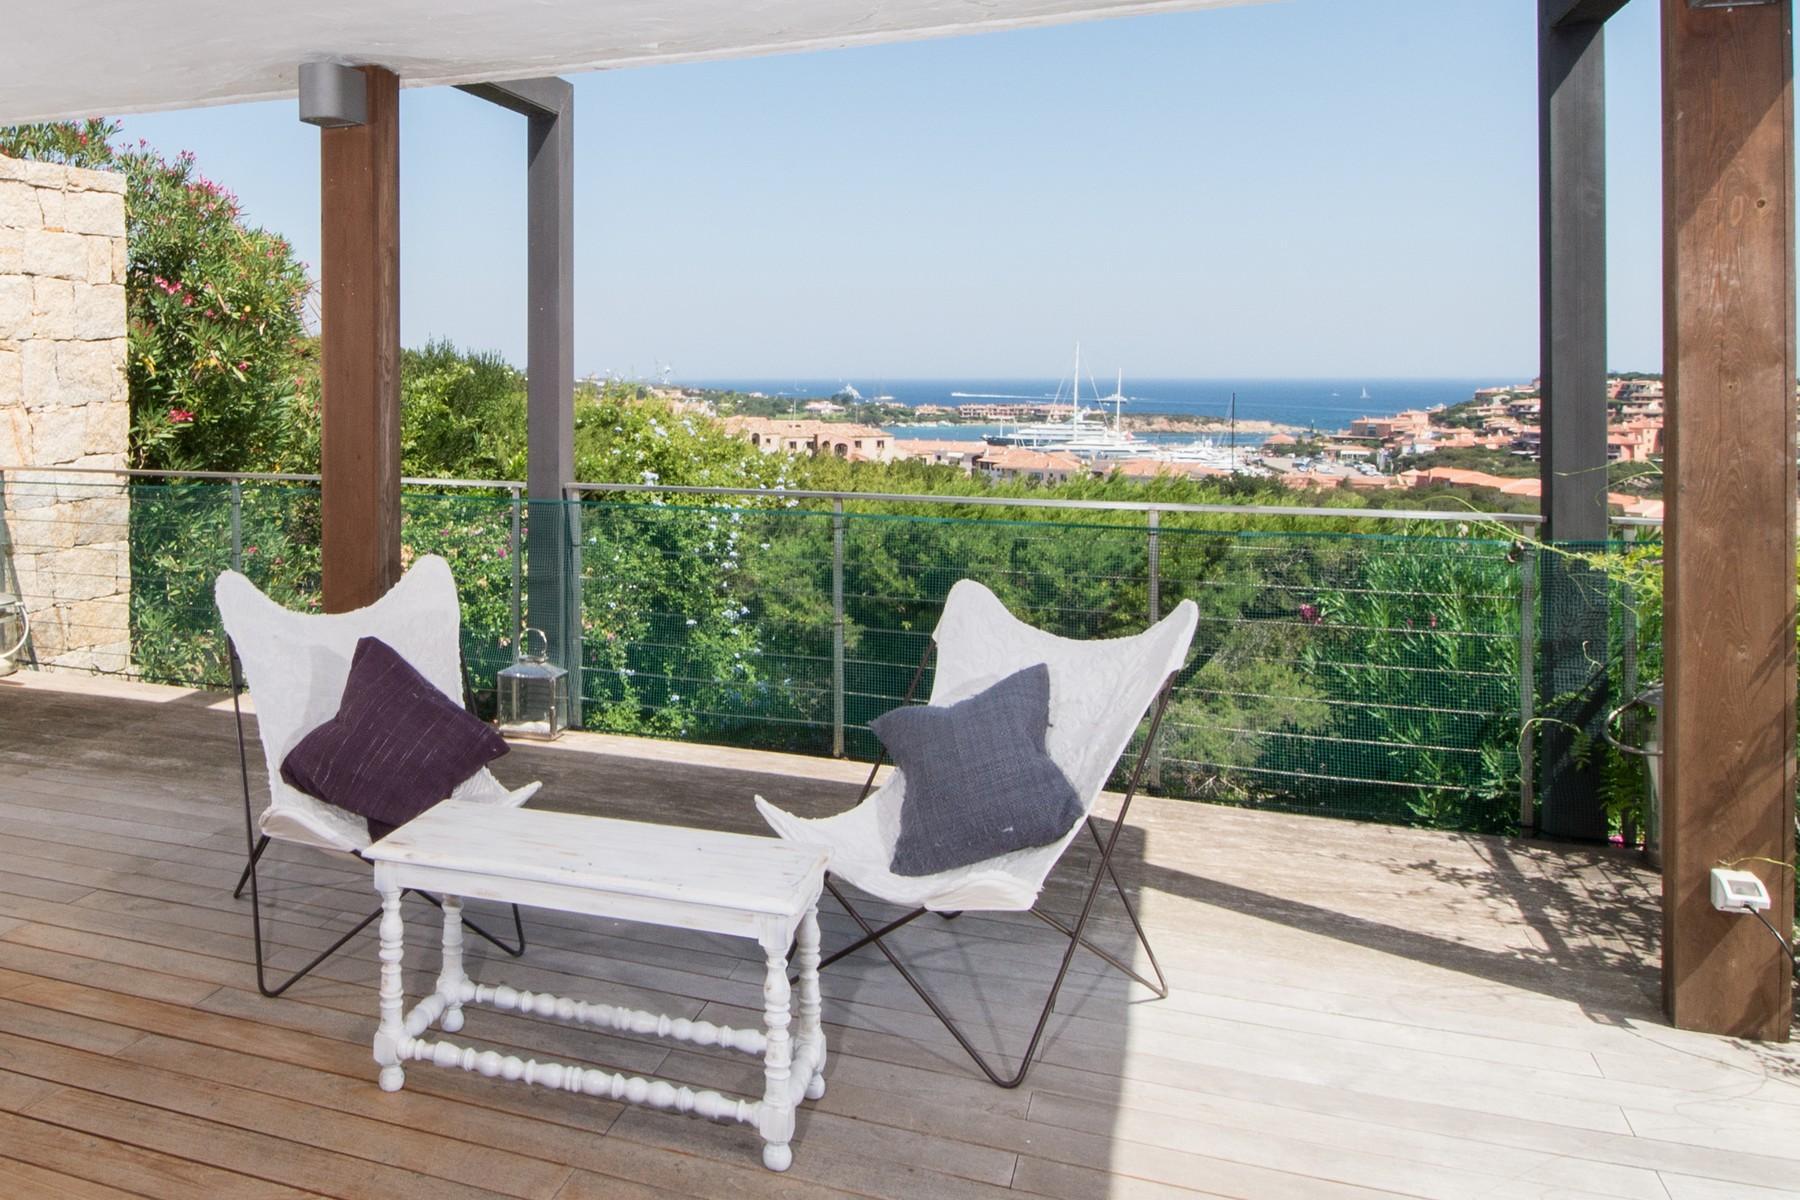 Porto Cervo Centro Meravigliosa casa semi-indipendente con splendida vista - 4